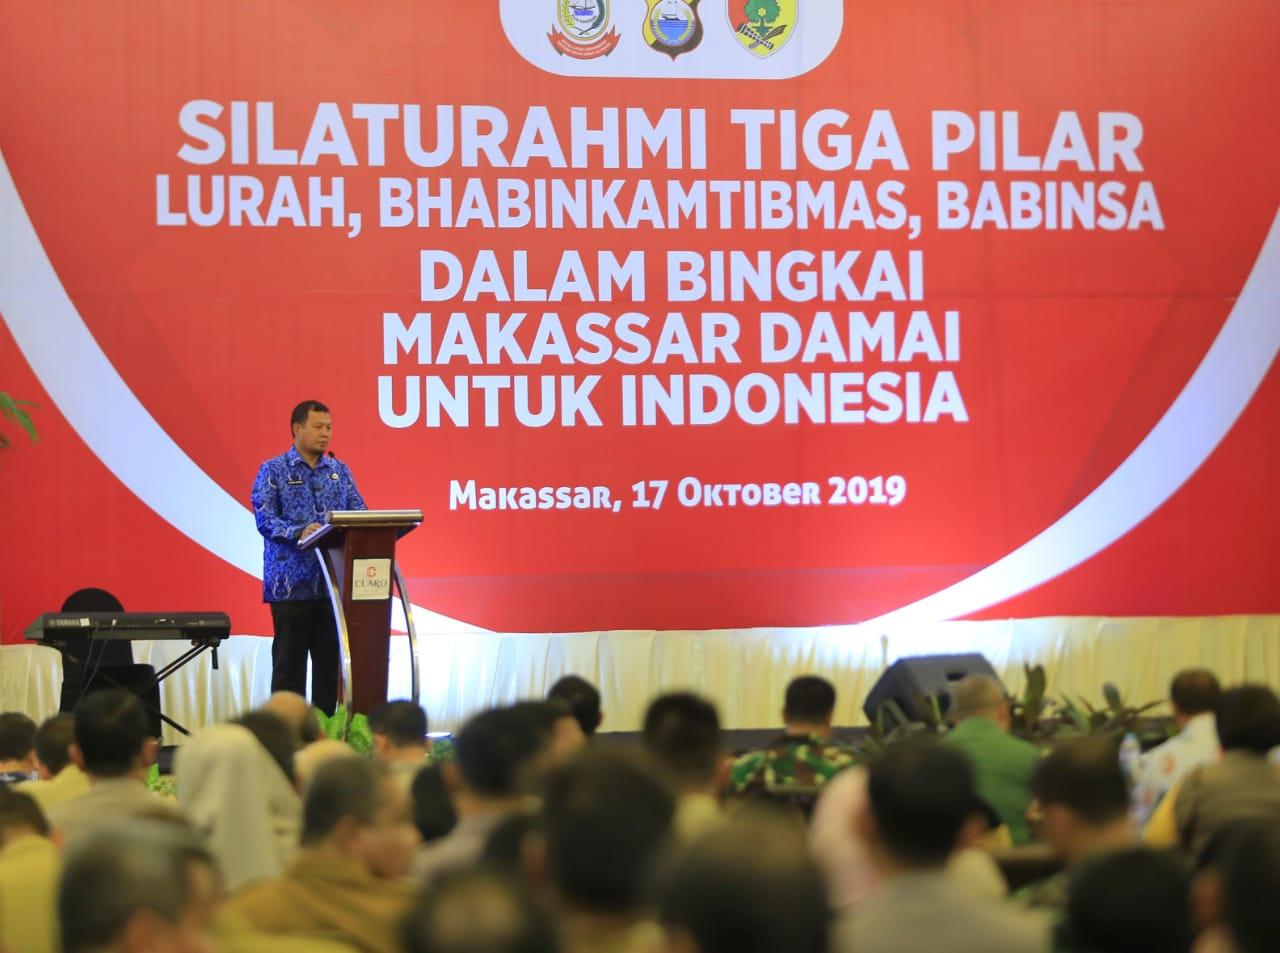 Pemerintah Kota Makassar, Iqbal Suheab bangun sinergitas dengan lurah, Babinkamtibmas, dan Babinsa jaga keamanan Makassar jelang Pelantikan Presiden (Foto: Humas Pemkot Makassar/zonatimes.com)